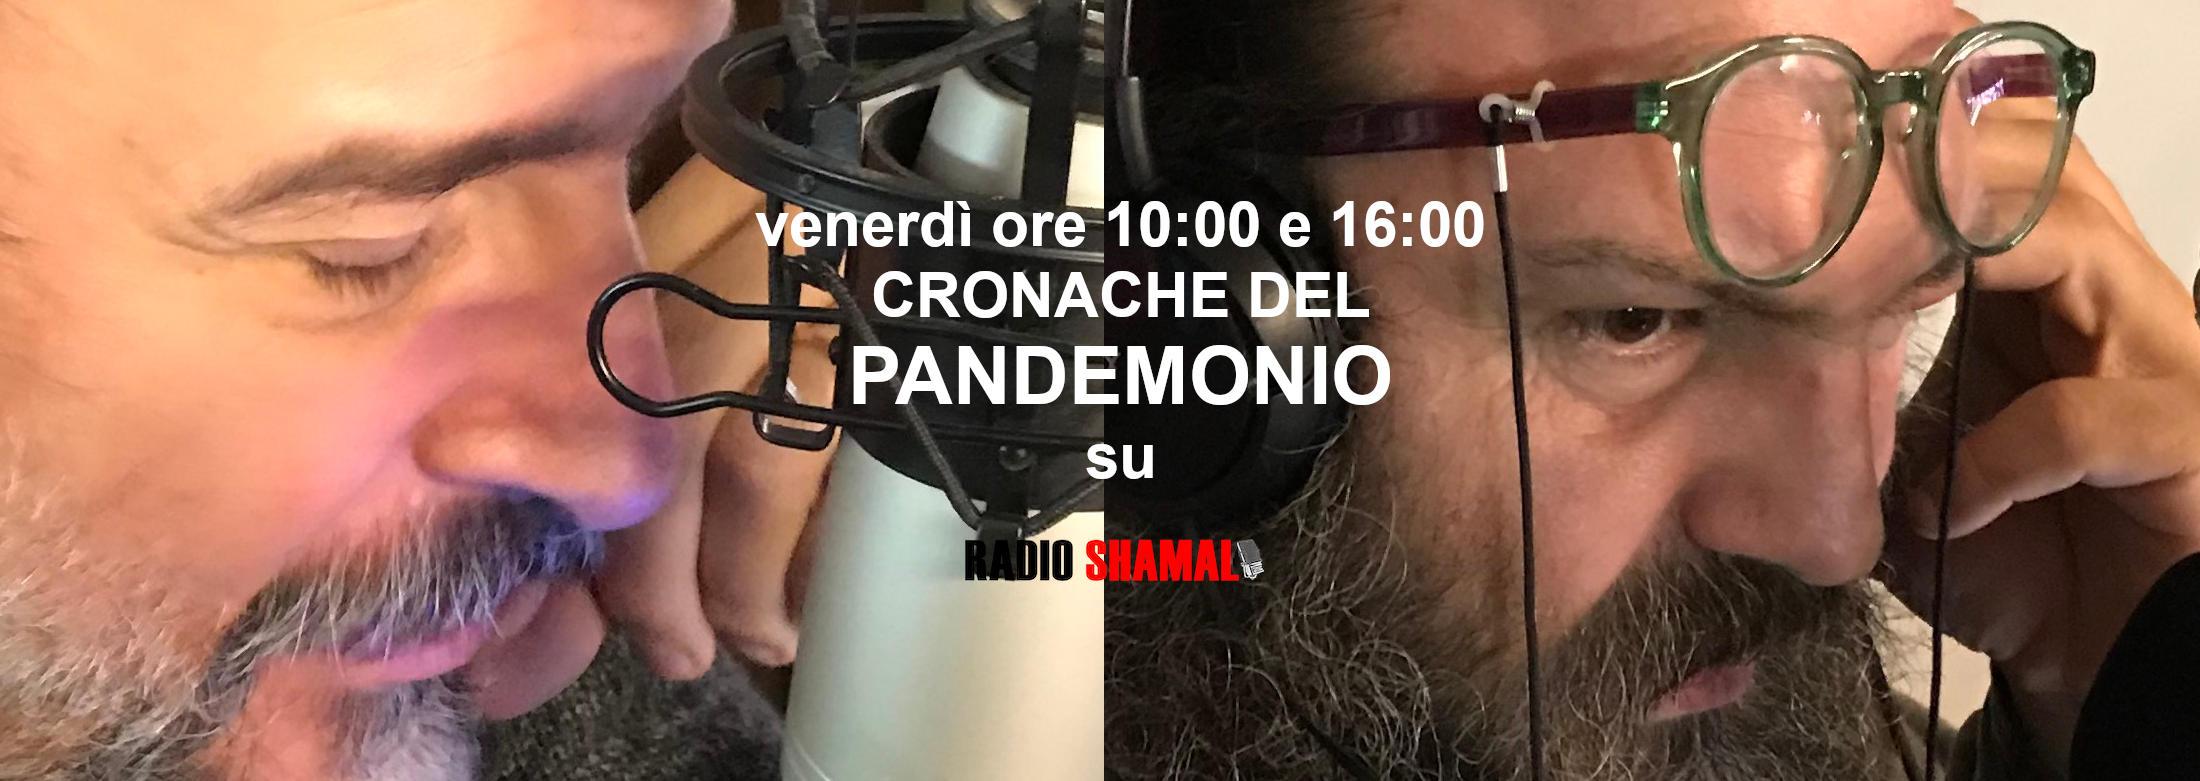 Pandemonio 2020-05-23